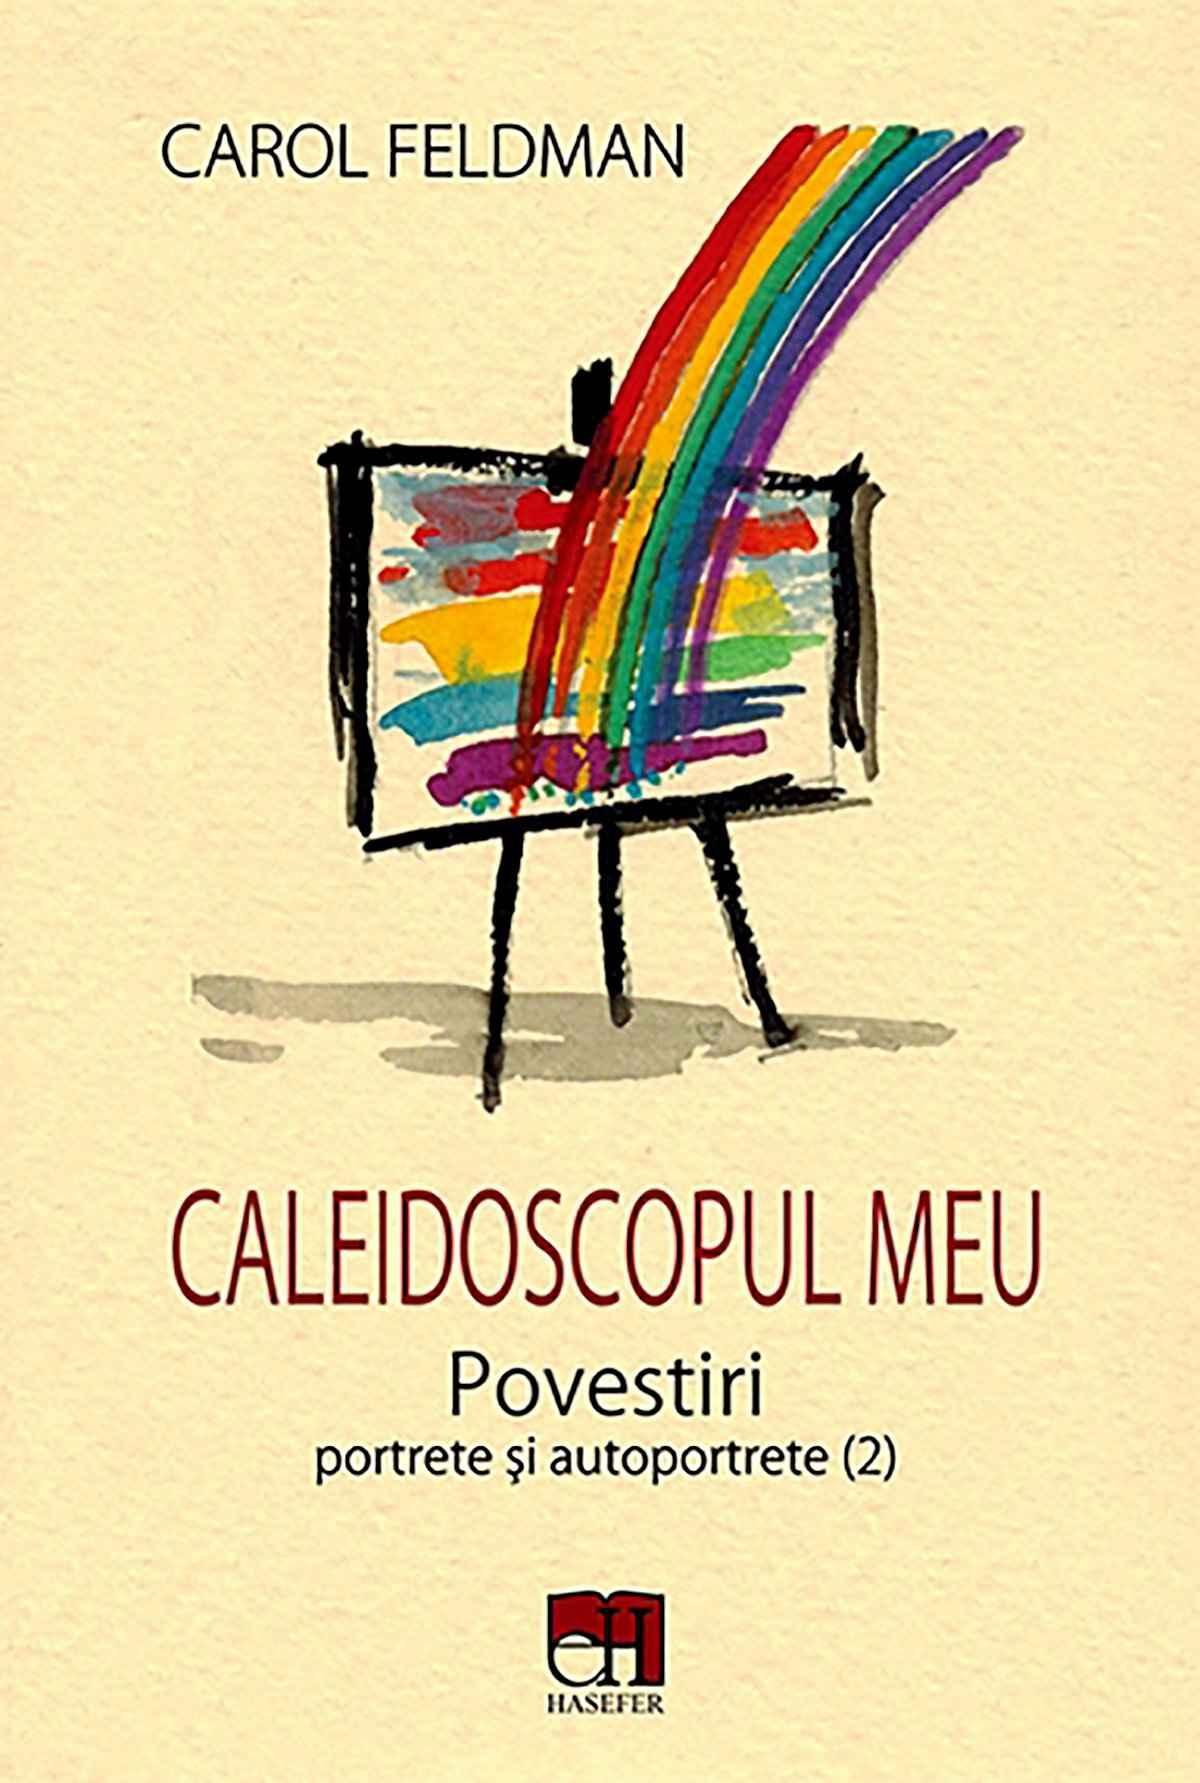 """Lansare de carte - """"CALEIDOSCOPUL MEU. POVESTIRI, PORTRETE ȘI AUTOPORTRETE"""" (2)"""